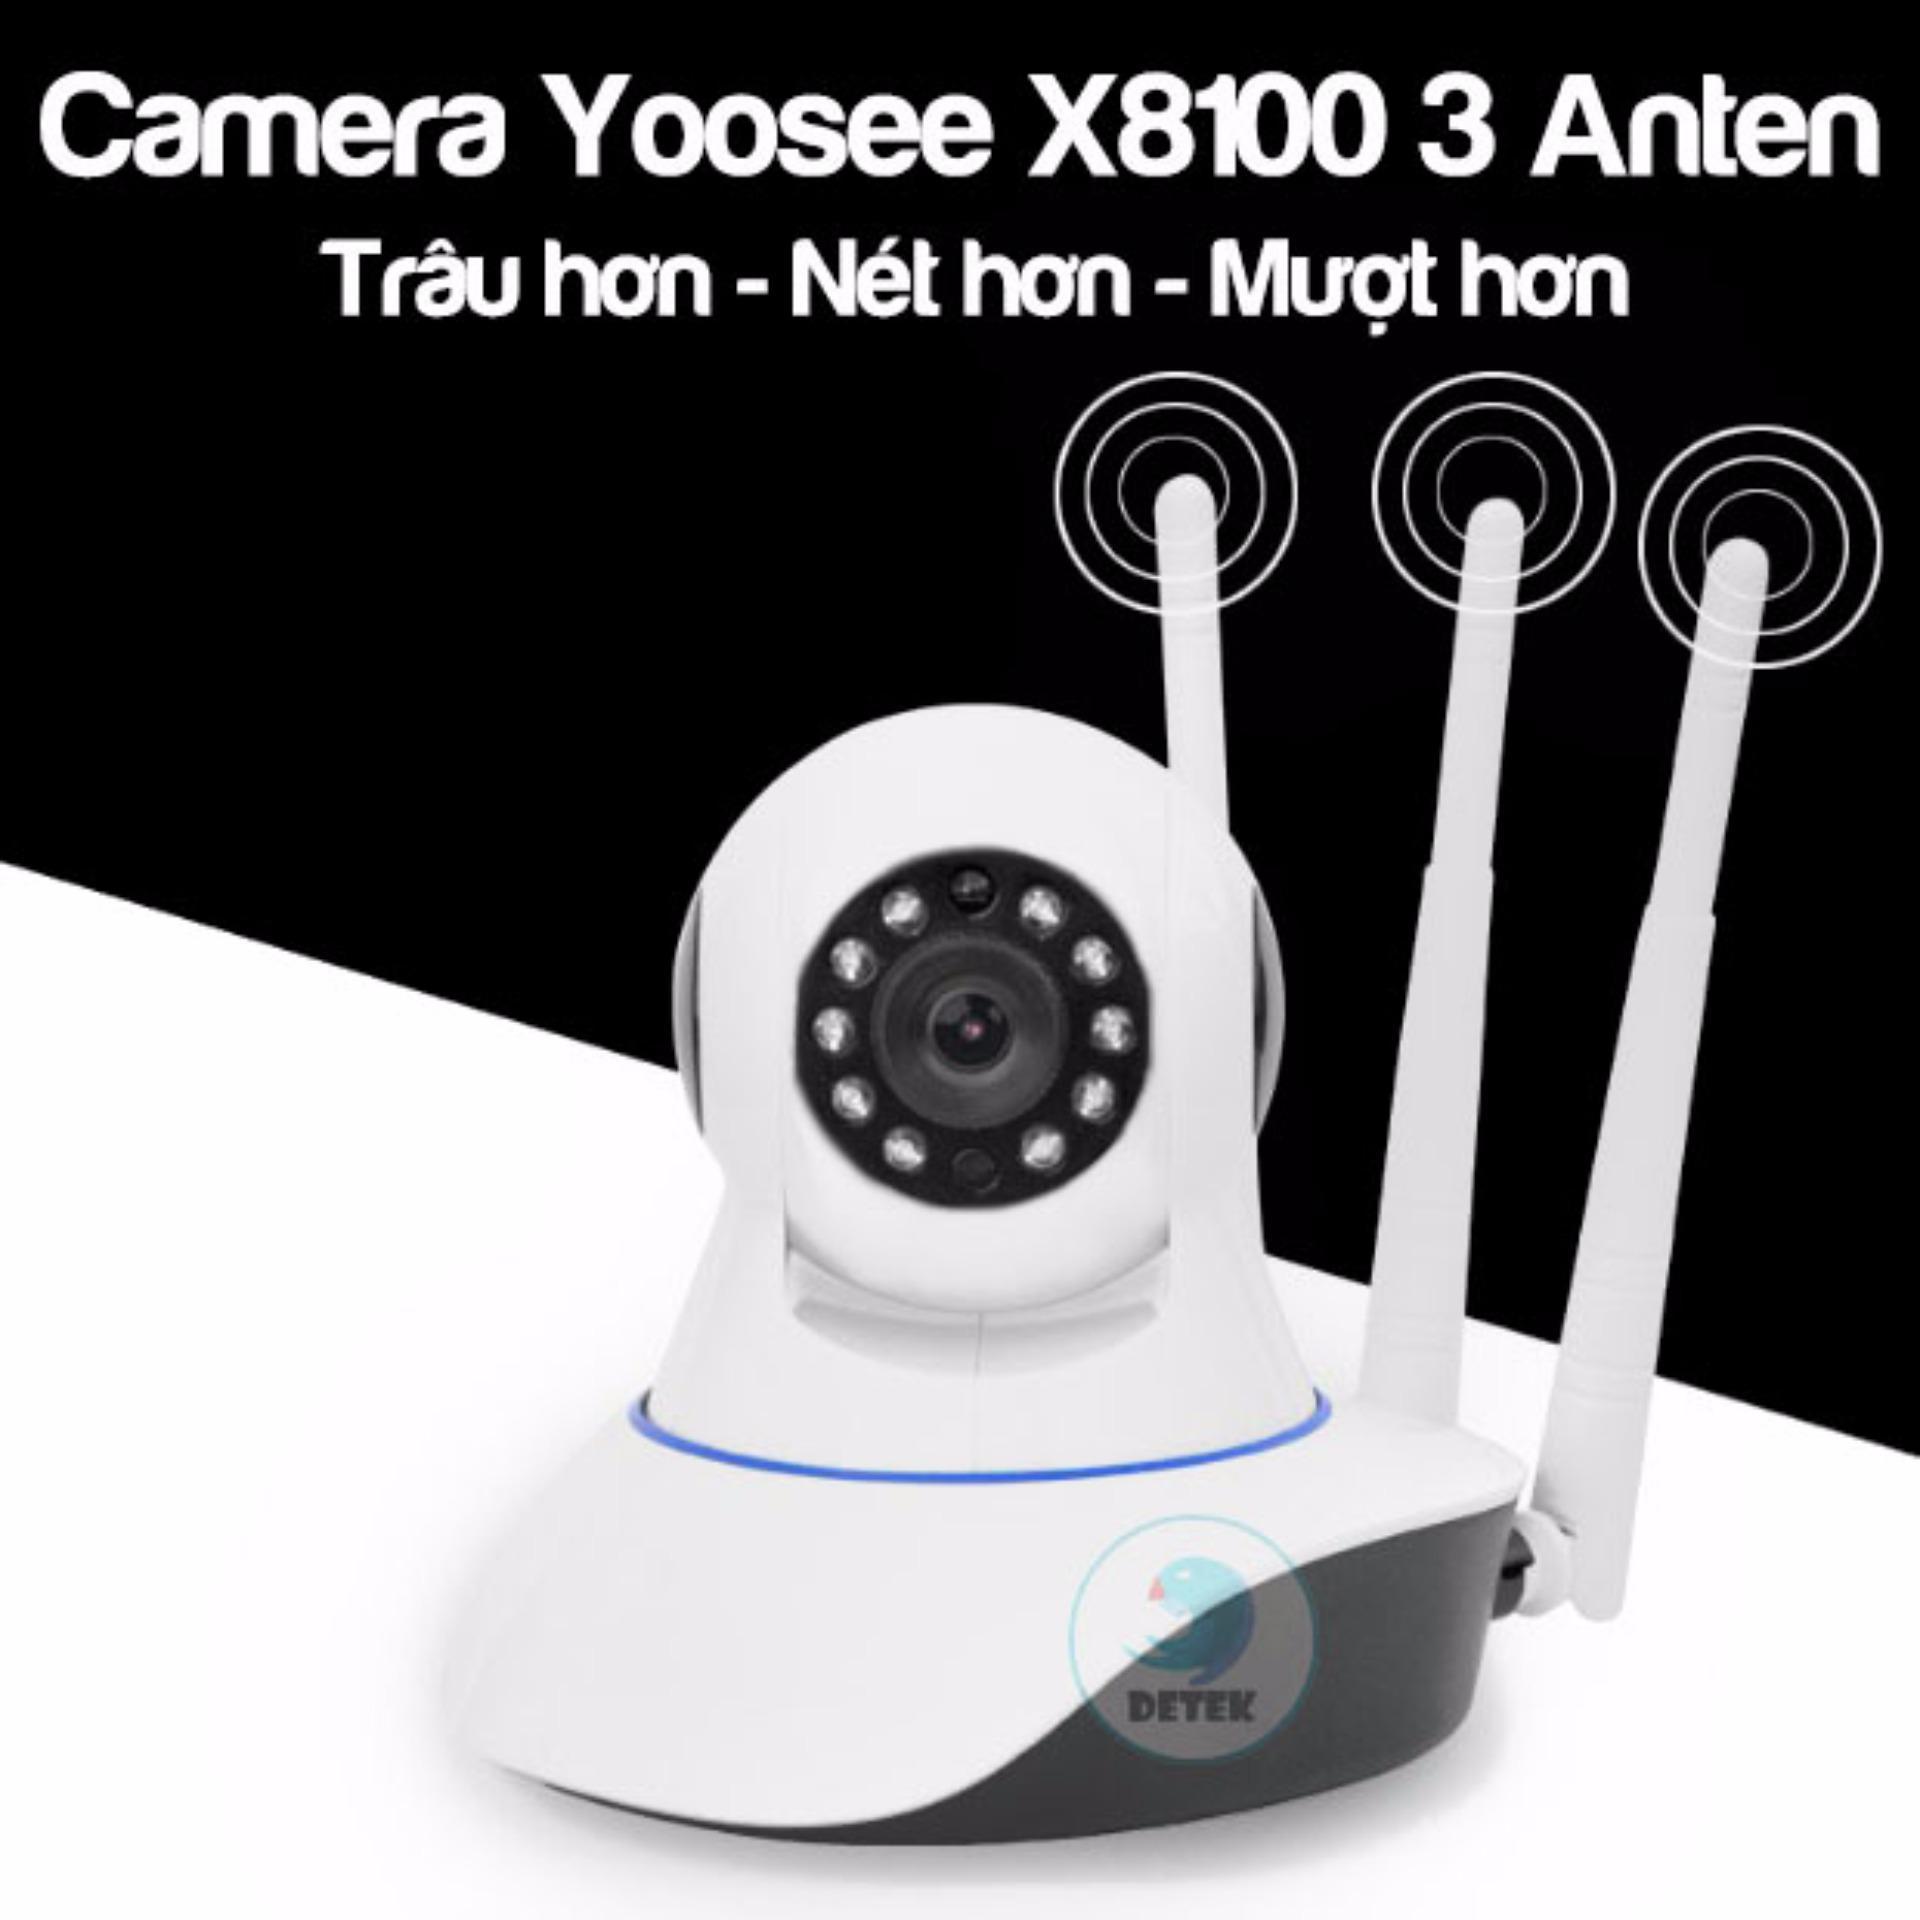 Camera Yoosee 3 Anten X8100 Phiên bản 2 Trâu hơn Rõ nét hơn